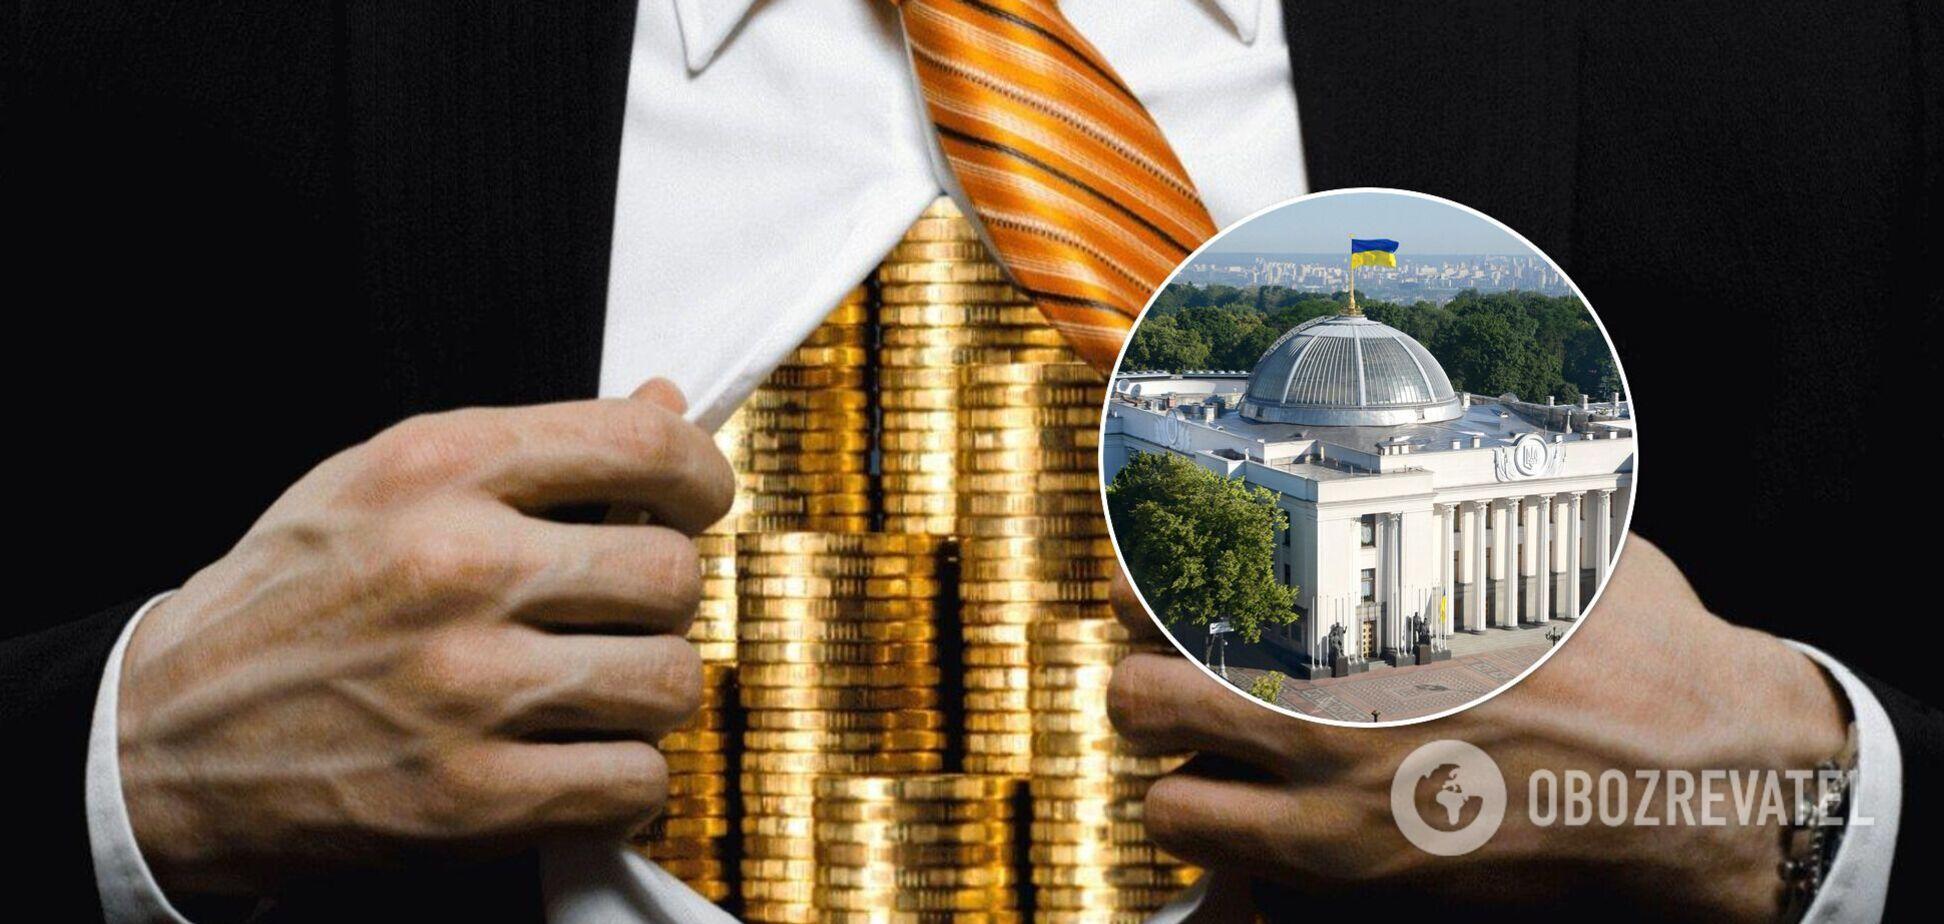 Эксперт назвал политика, который реально боролся против олигархов в Украине